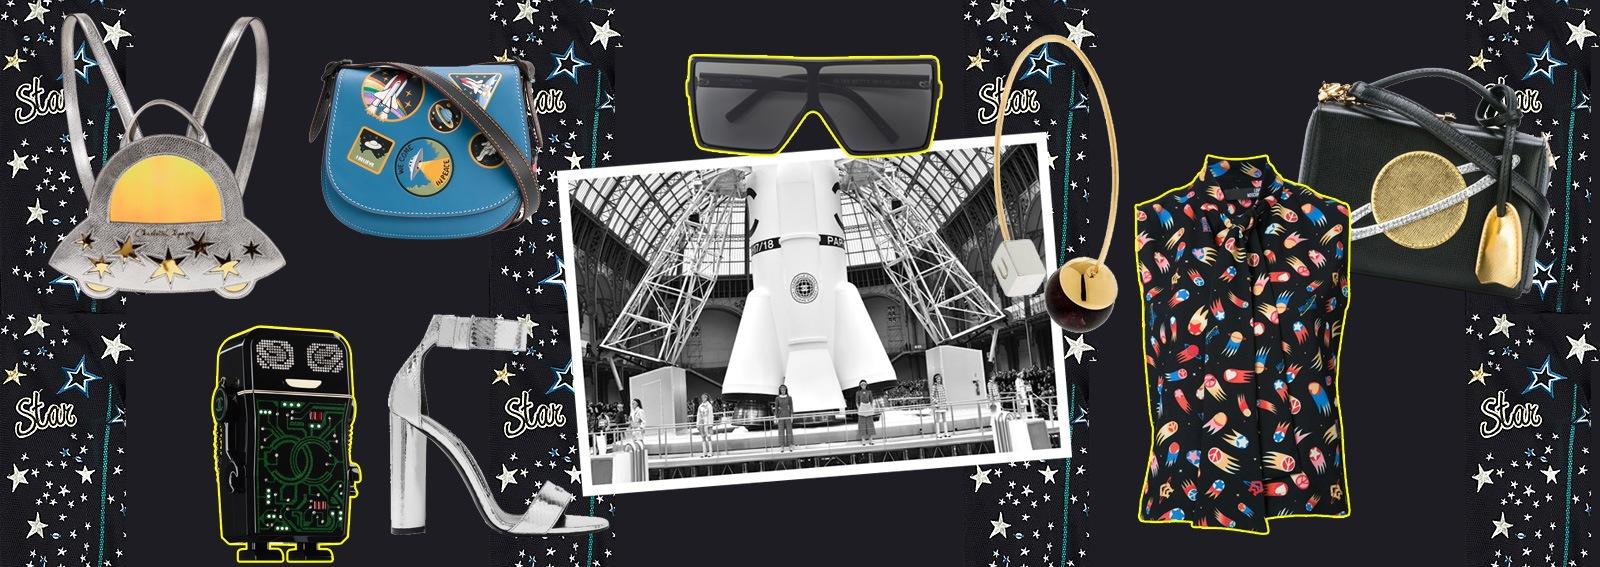 00_DESKTOP_fashion_space